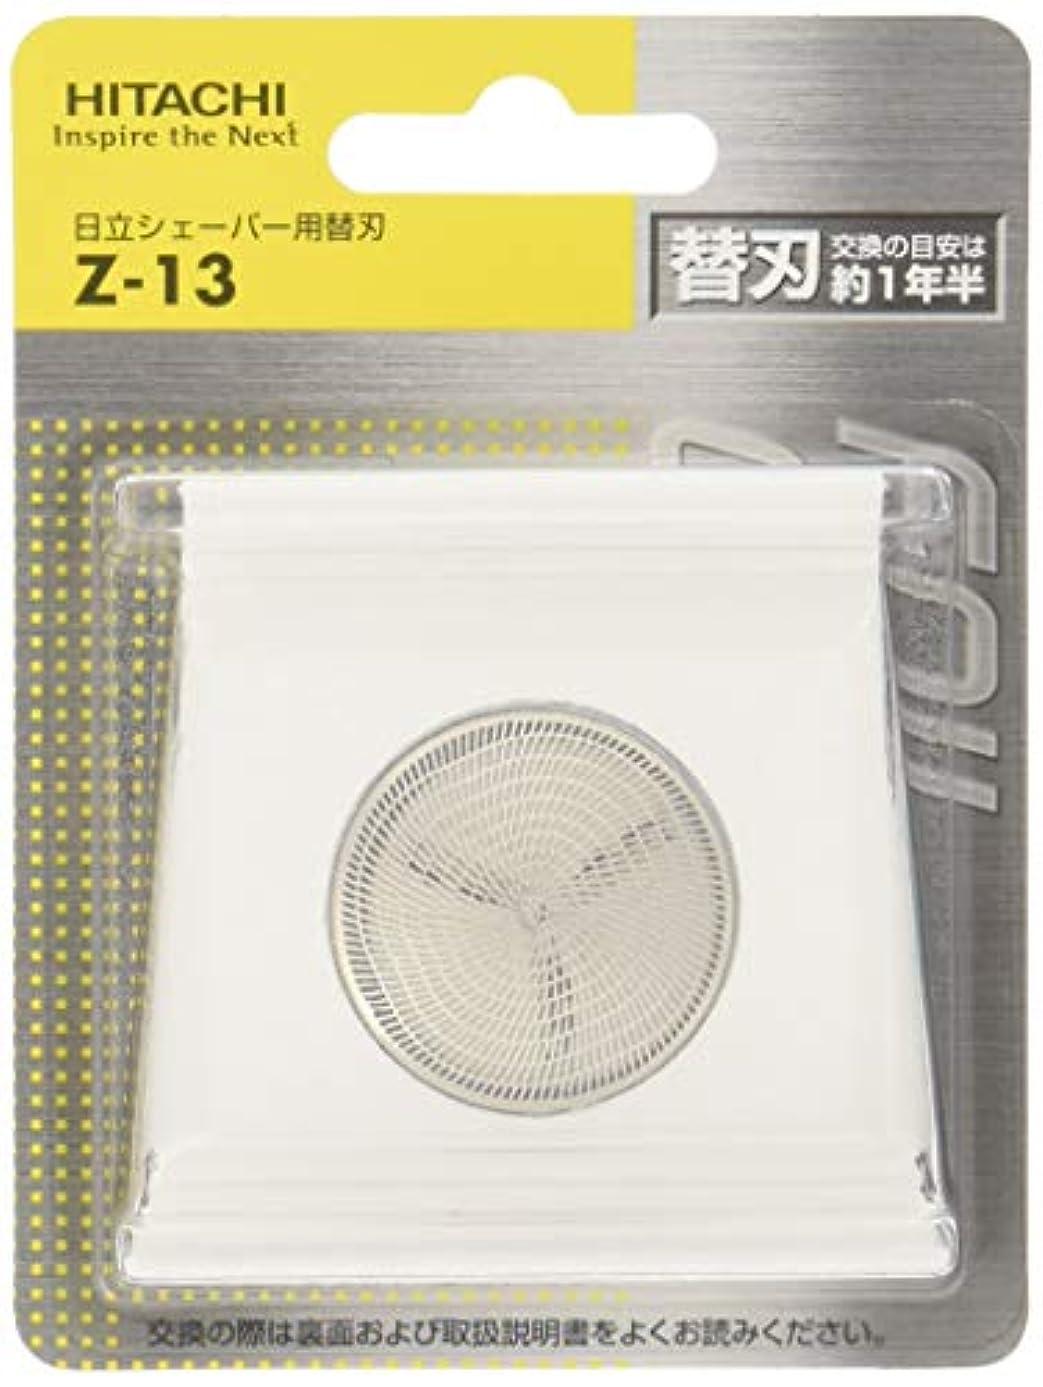 日立 シェーバー用替刃 Z-13